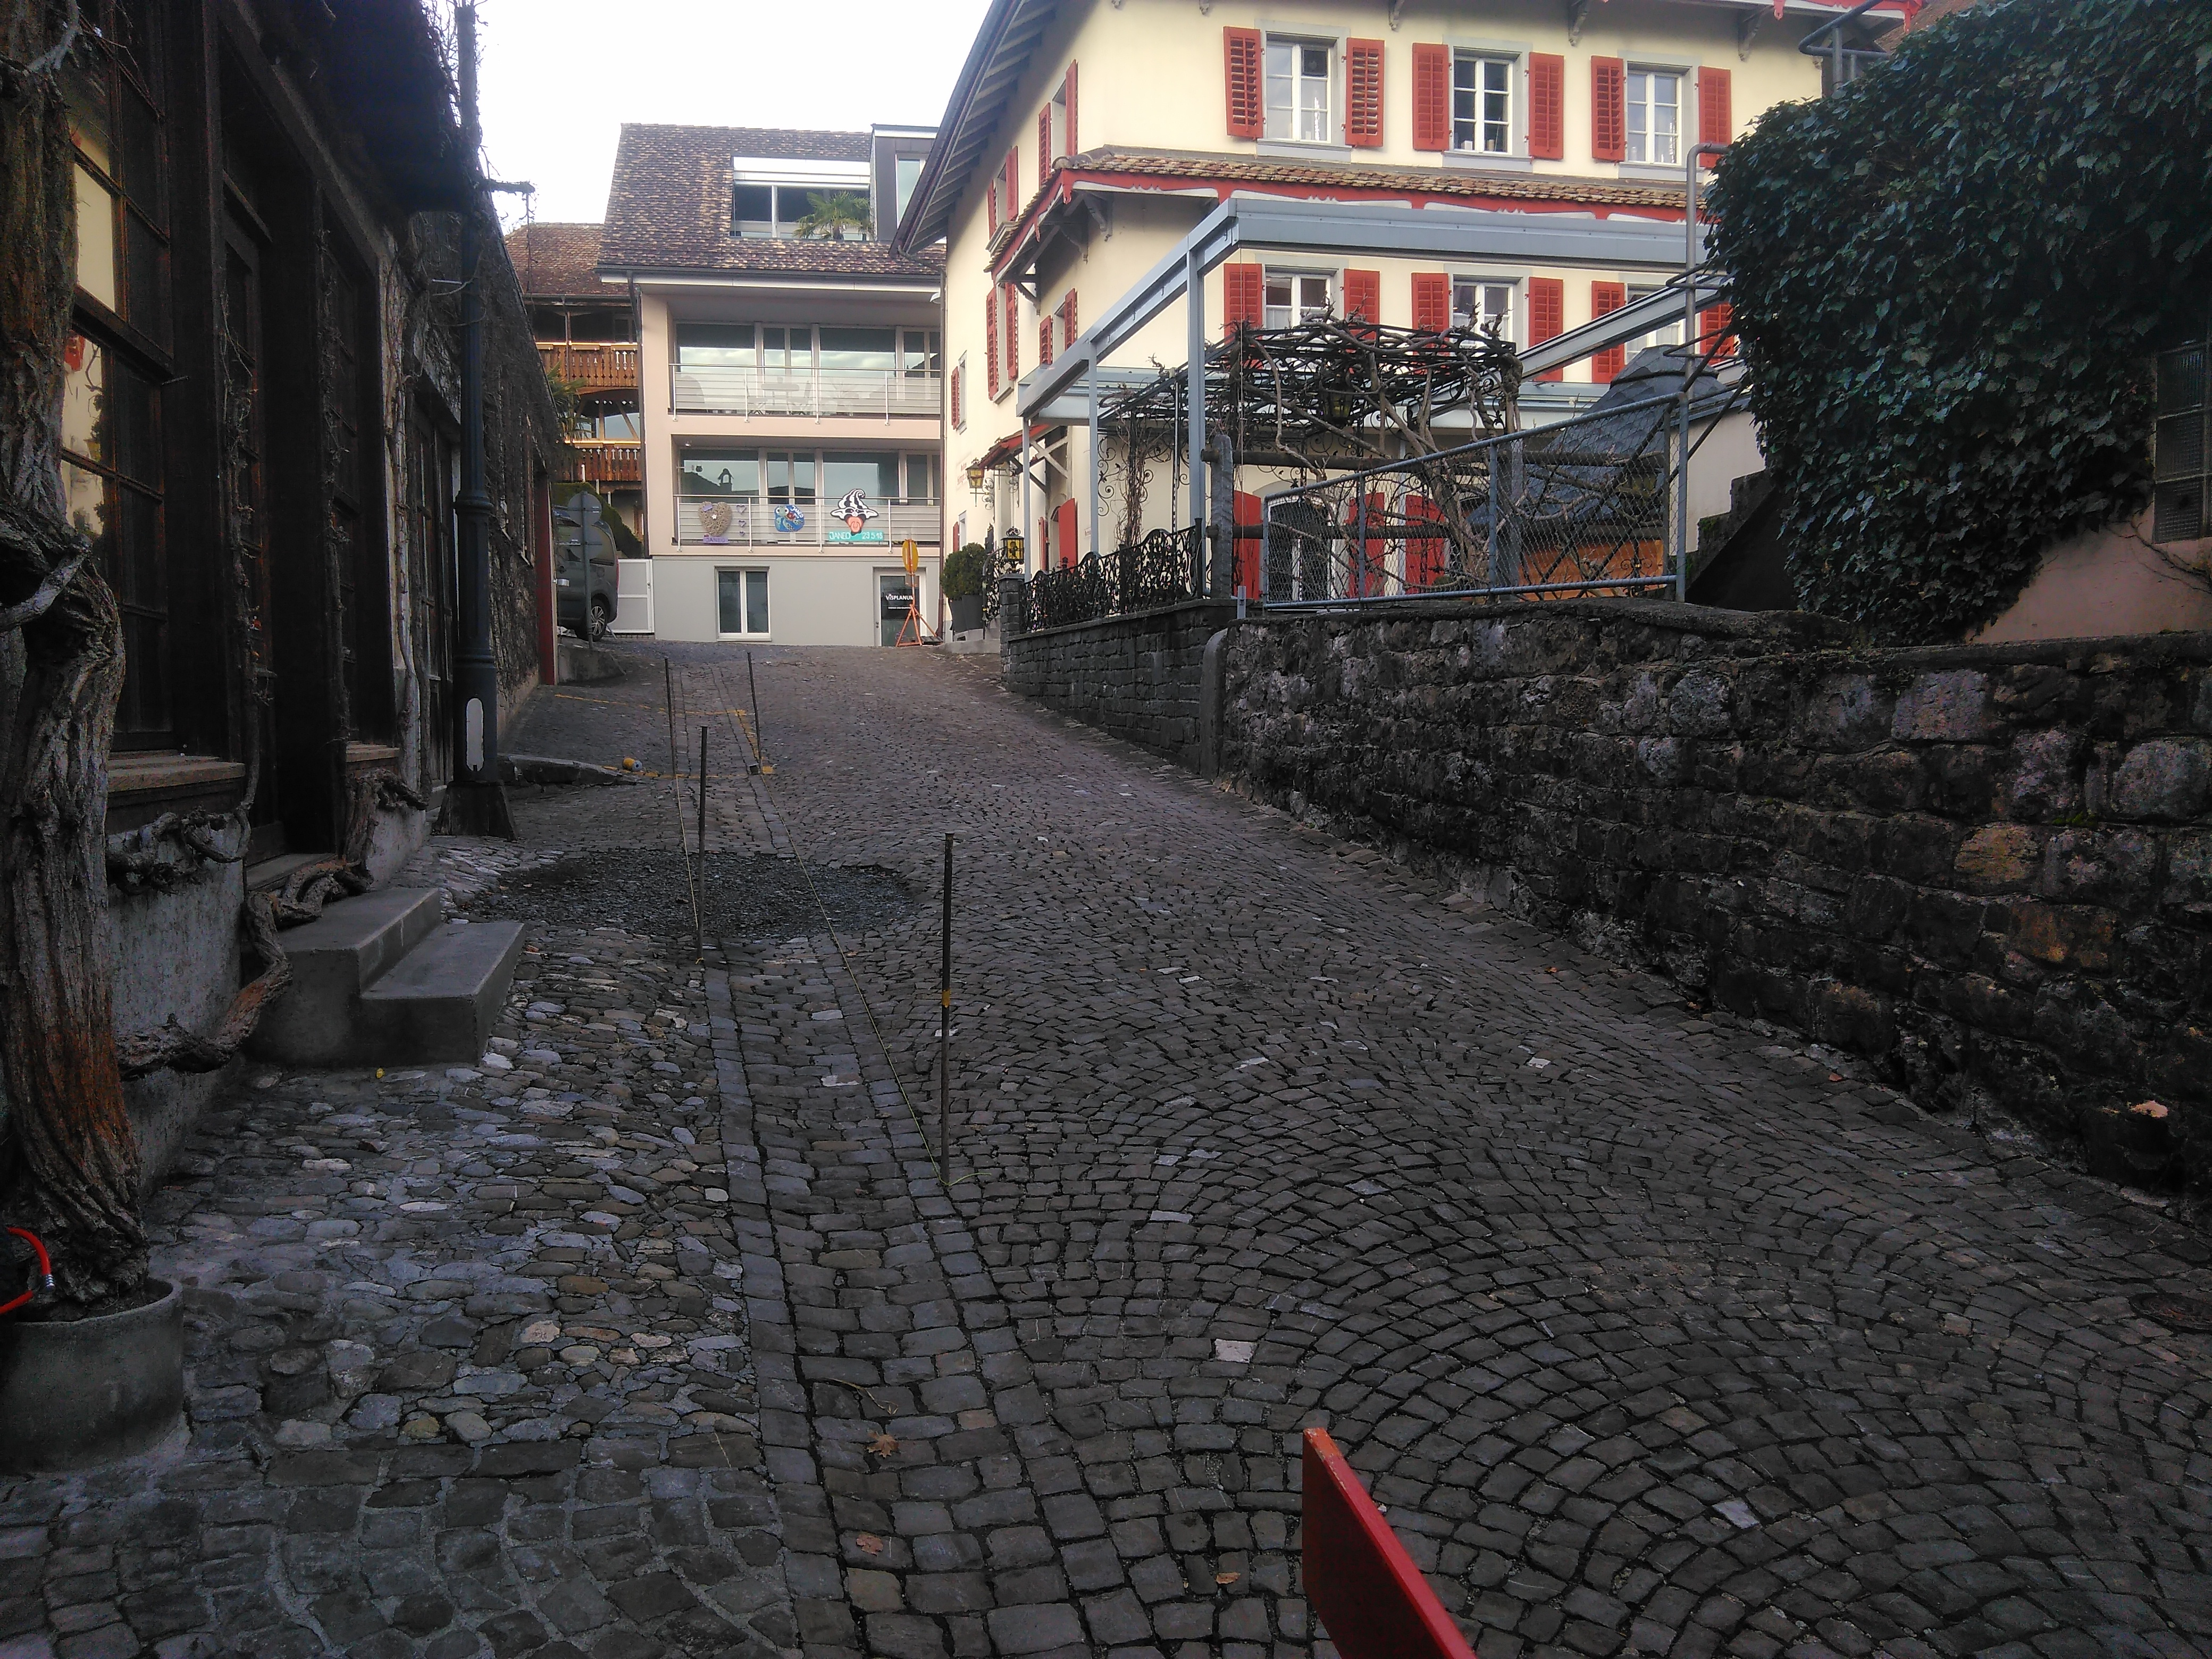 Gassensanierung Schwyz 1